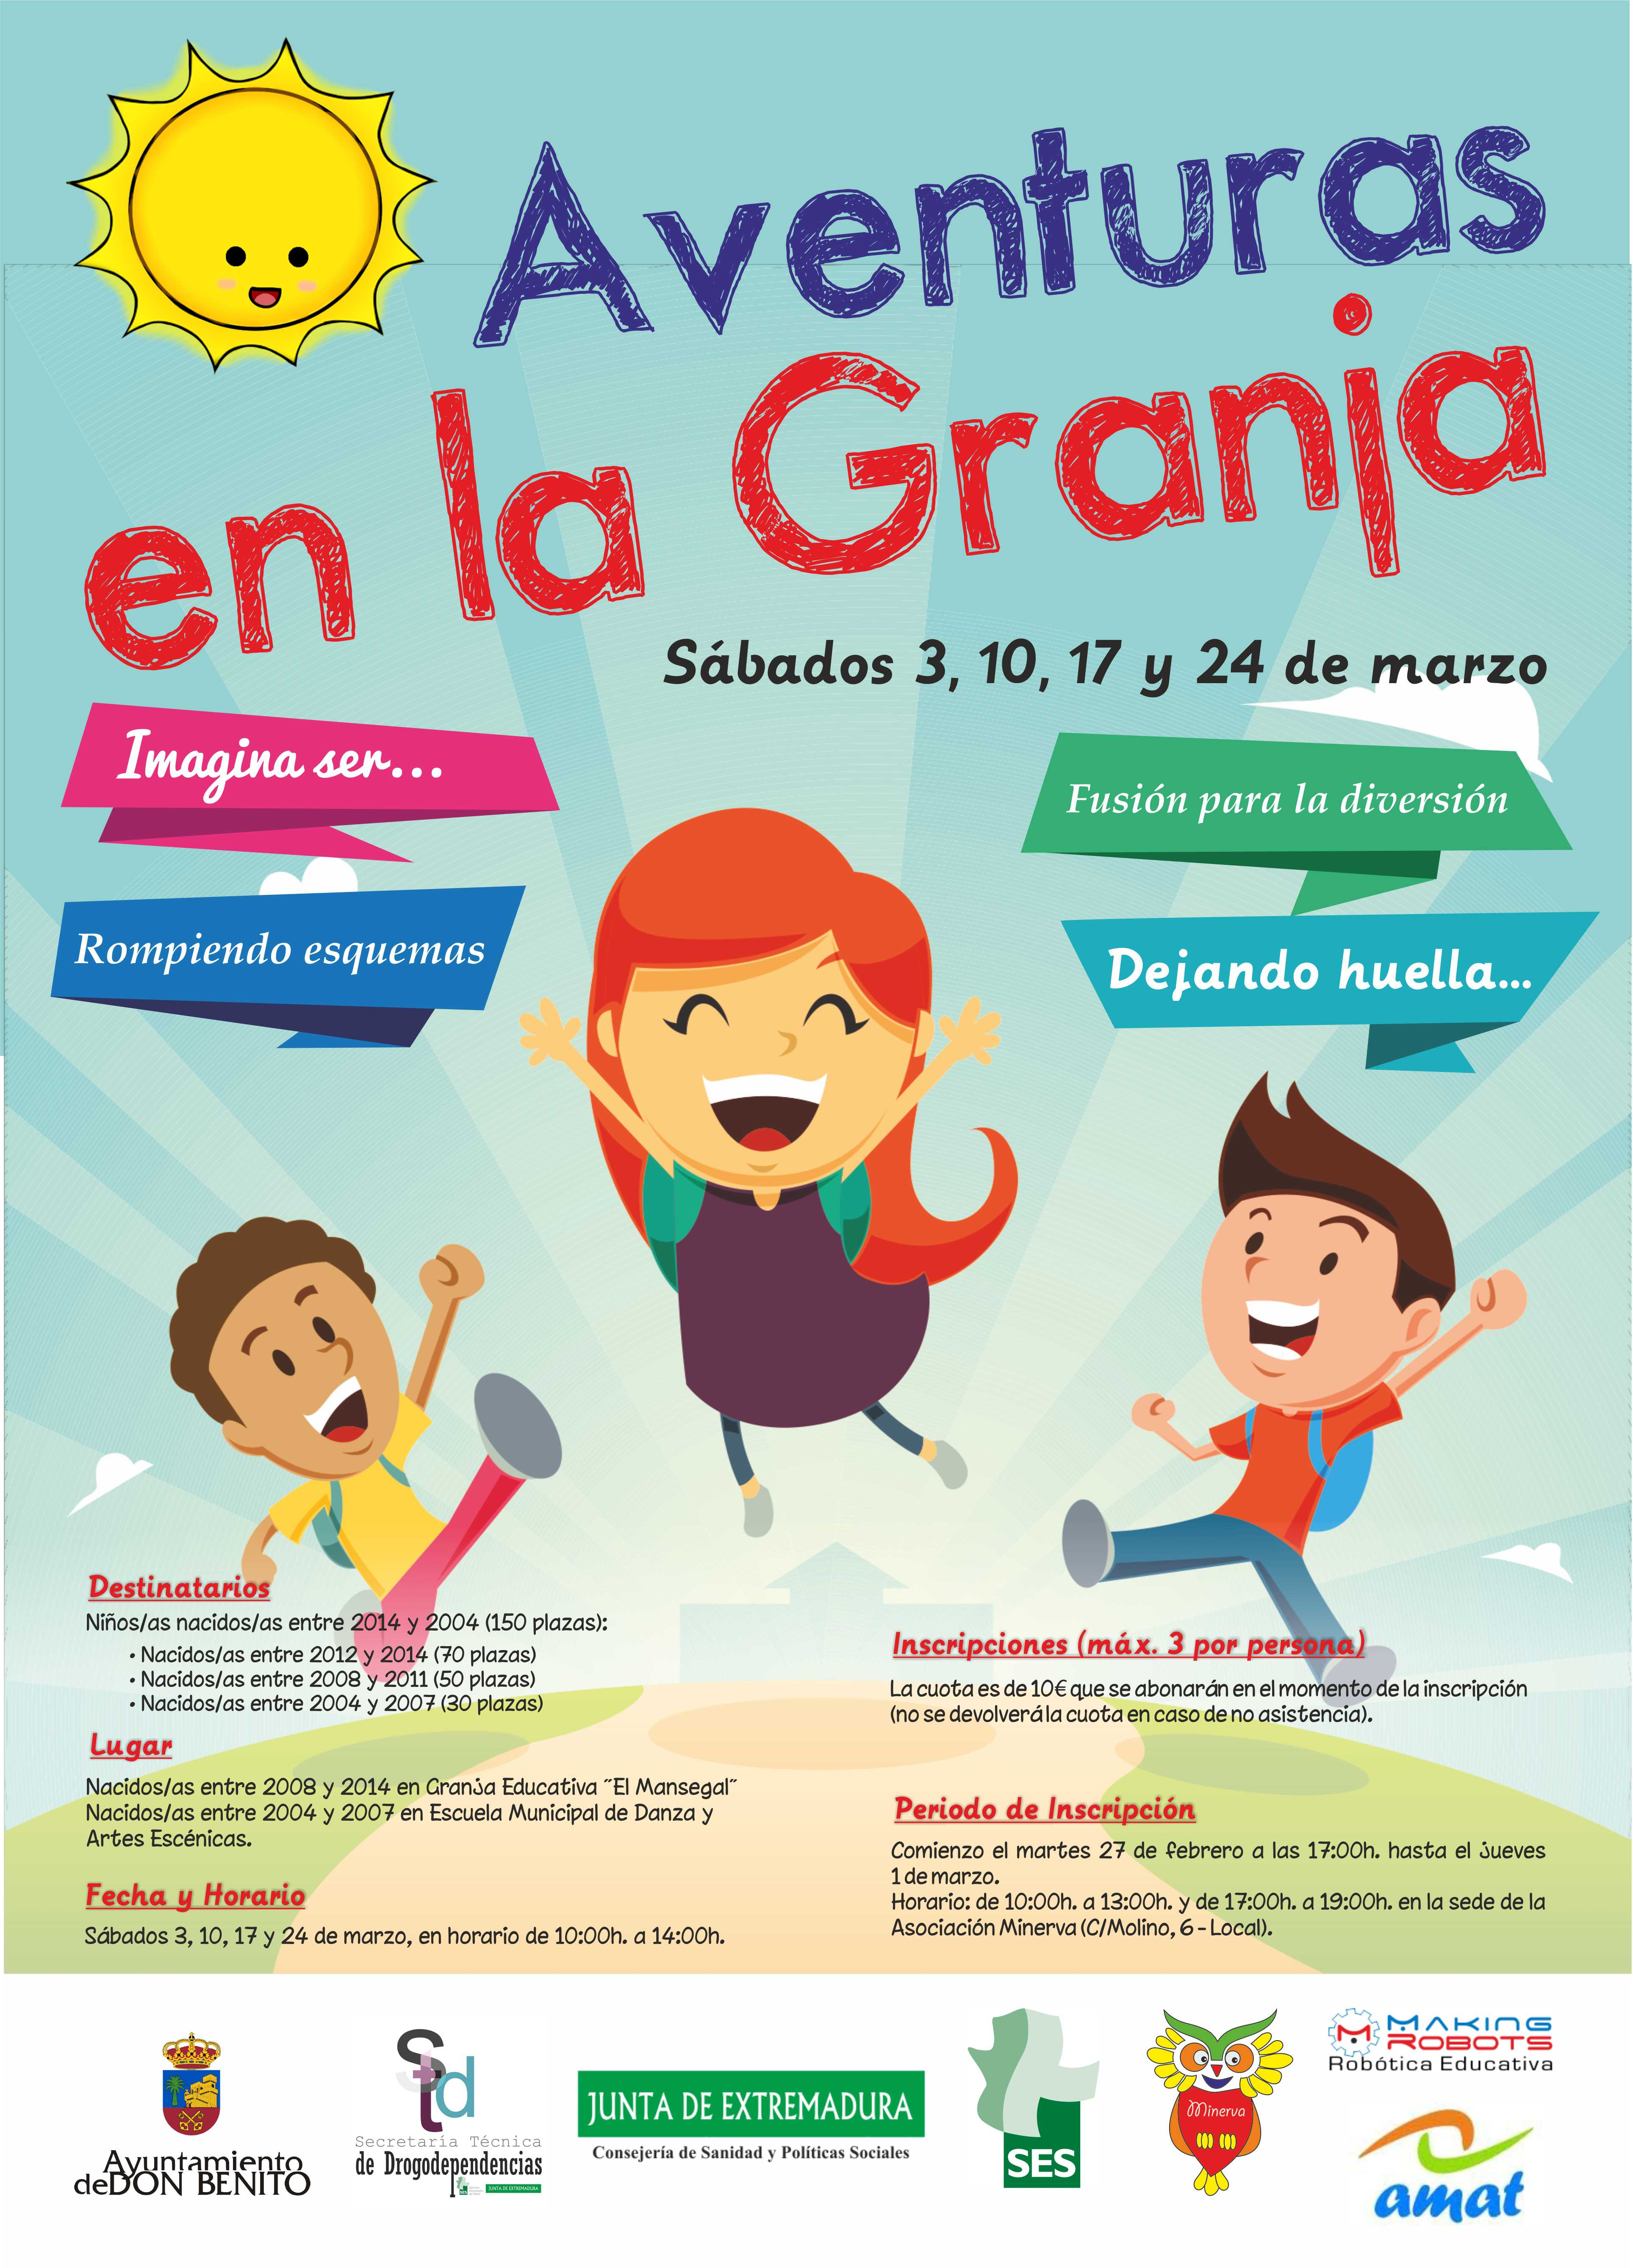 Actividades de Prevención | Drogas Extremadura